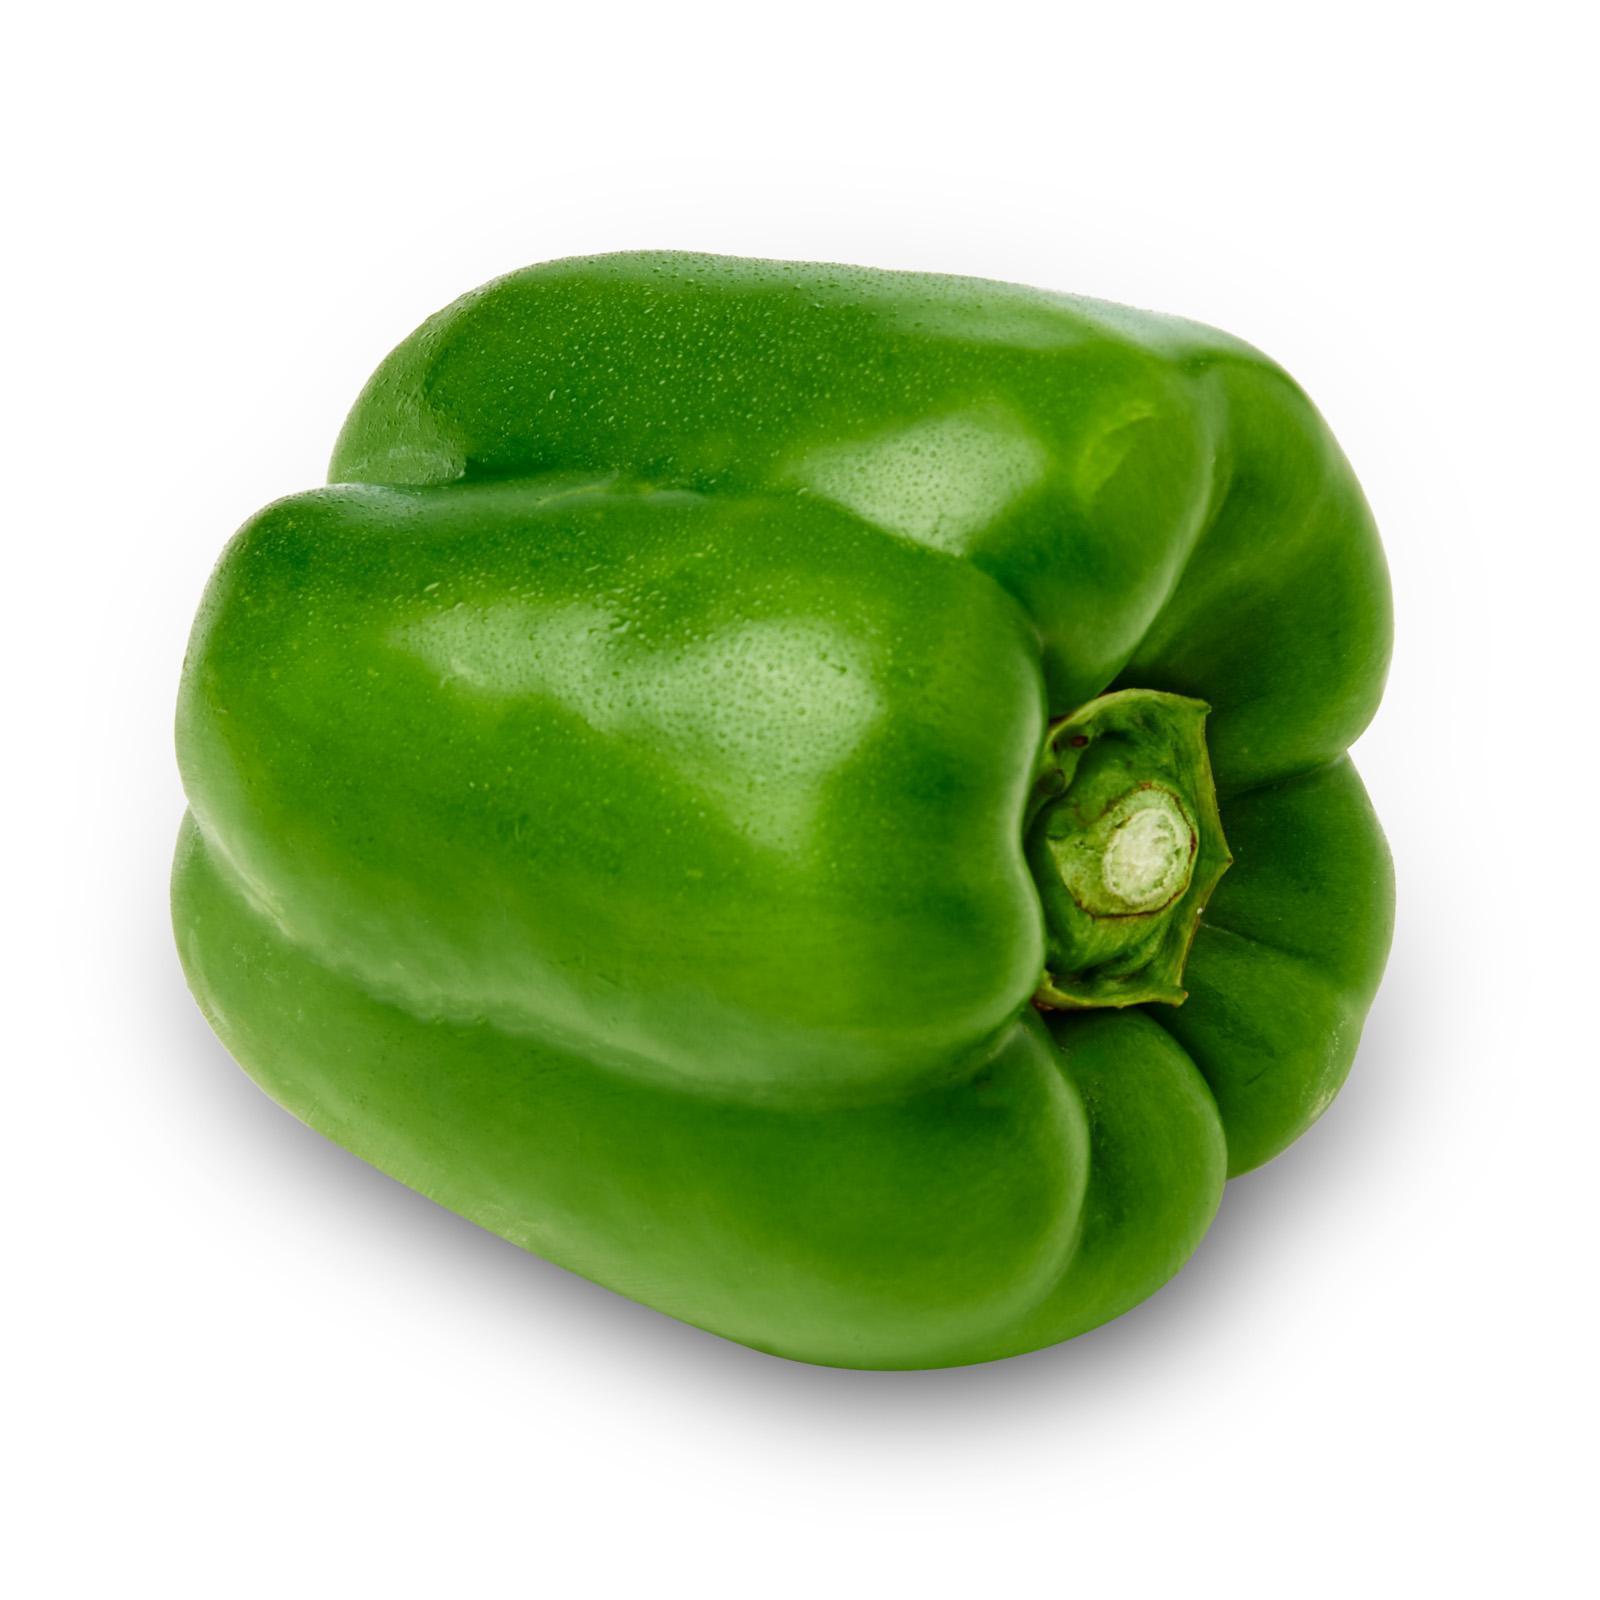 Bellvo Green Capsicum Bell Pepper By Redmart.